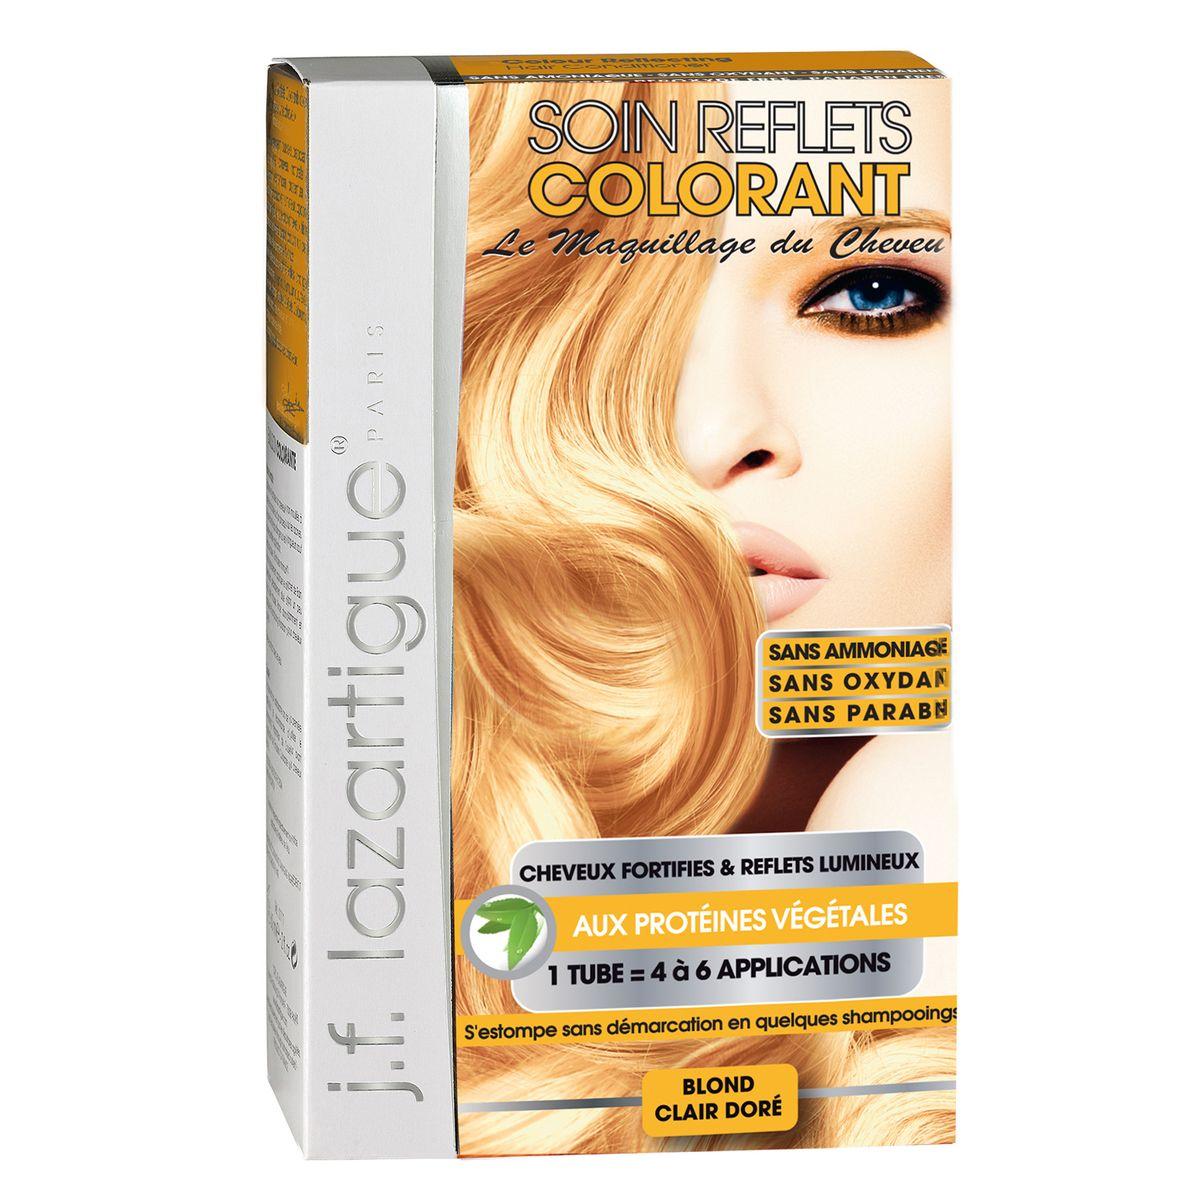 J.F.Lazartigue Оттеночный кондиционер для волос Золотистый светлый блондин 100 мл61623Оттеночный кондиционер J.F.LAZARTIGUE – это лечебный макияж для Ваших волос. Два эффекта: кондиционирование волос и легкий оттенок. Особенности: придает новый или более теплый (или холодный) оттенок, делает тон темнее или акцентирует цвет, оживляет естественный цвет или придает яркость тусклым и выцветшим на солнце волосам. Закрашивает небольшой процент седины! После мытья волос шампунем (3-6 раз) смывается. Для достижения индивидуального оттенка можно смешать два разных кондиционера: добавить к выбранному ТЕМНЫЙ РЫЖИЙ (Auburn), МЕДНЫЙ (Copper) и т.п. Не осветляет волосы. Не содержит аммиака и перекиси водорода. Не содержит парабенов. Не предназначен для окрашивания бровей и ресниц.